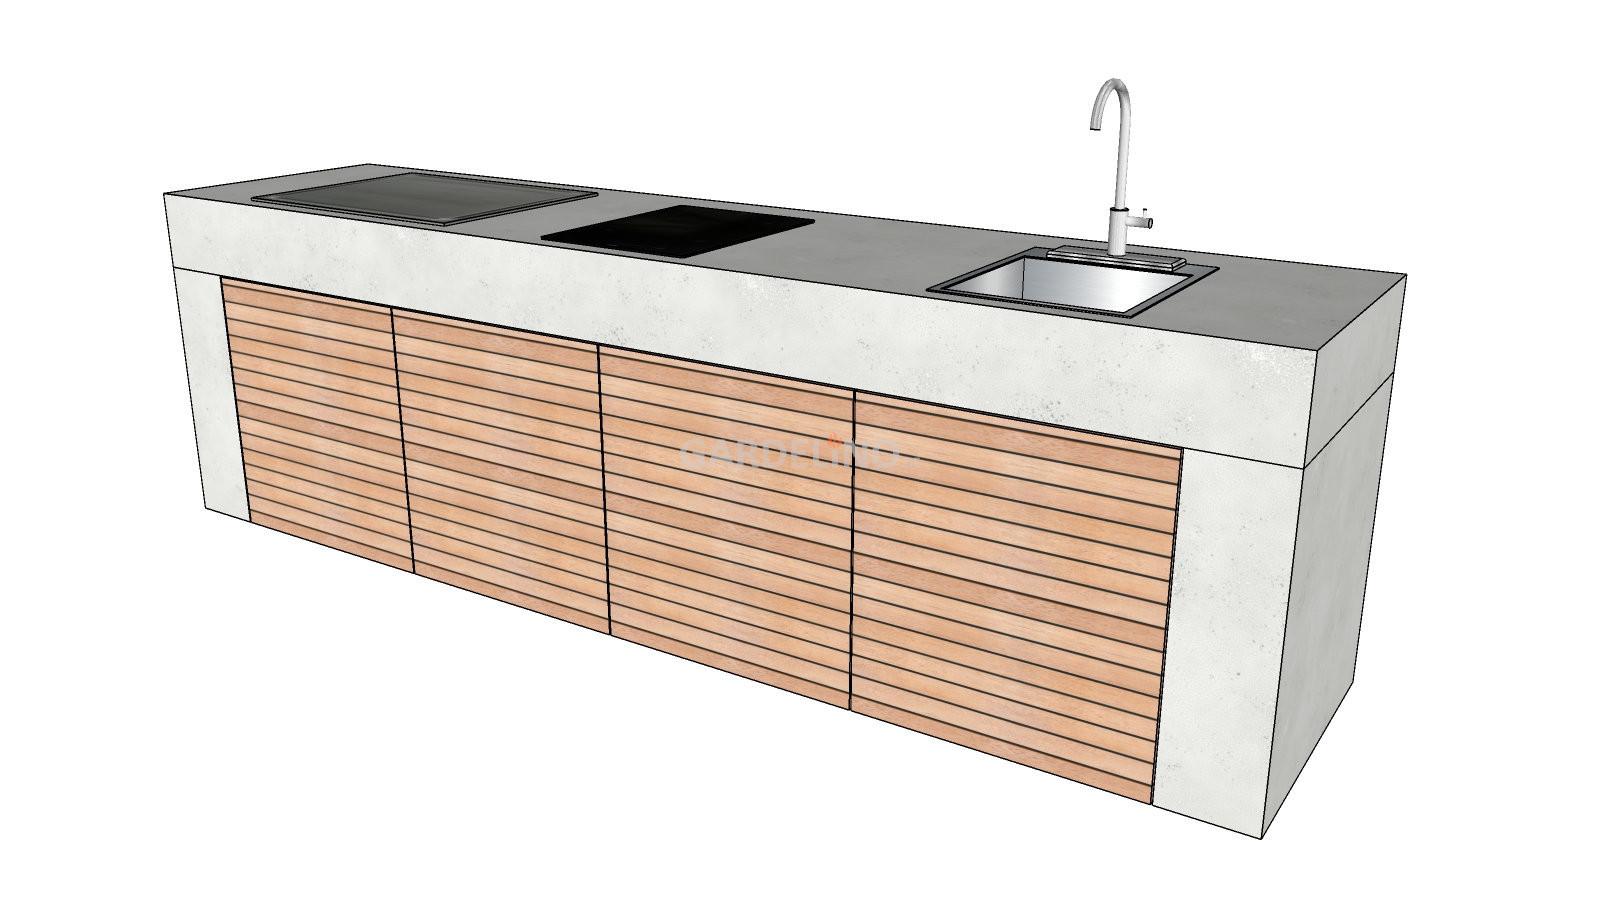 Outdoor Küche Kaufmann : Design outdoor küche opulentes design outdoor küche pergola